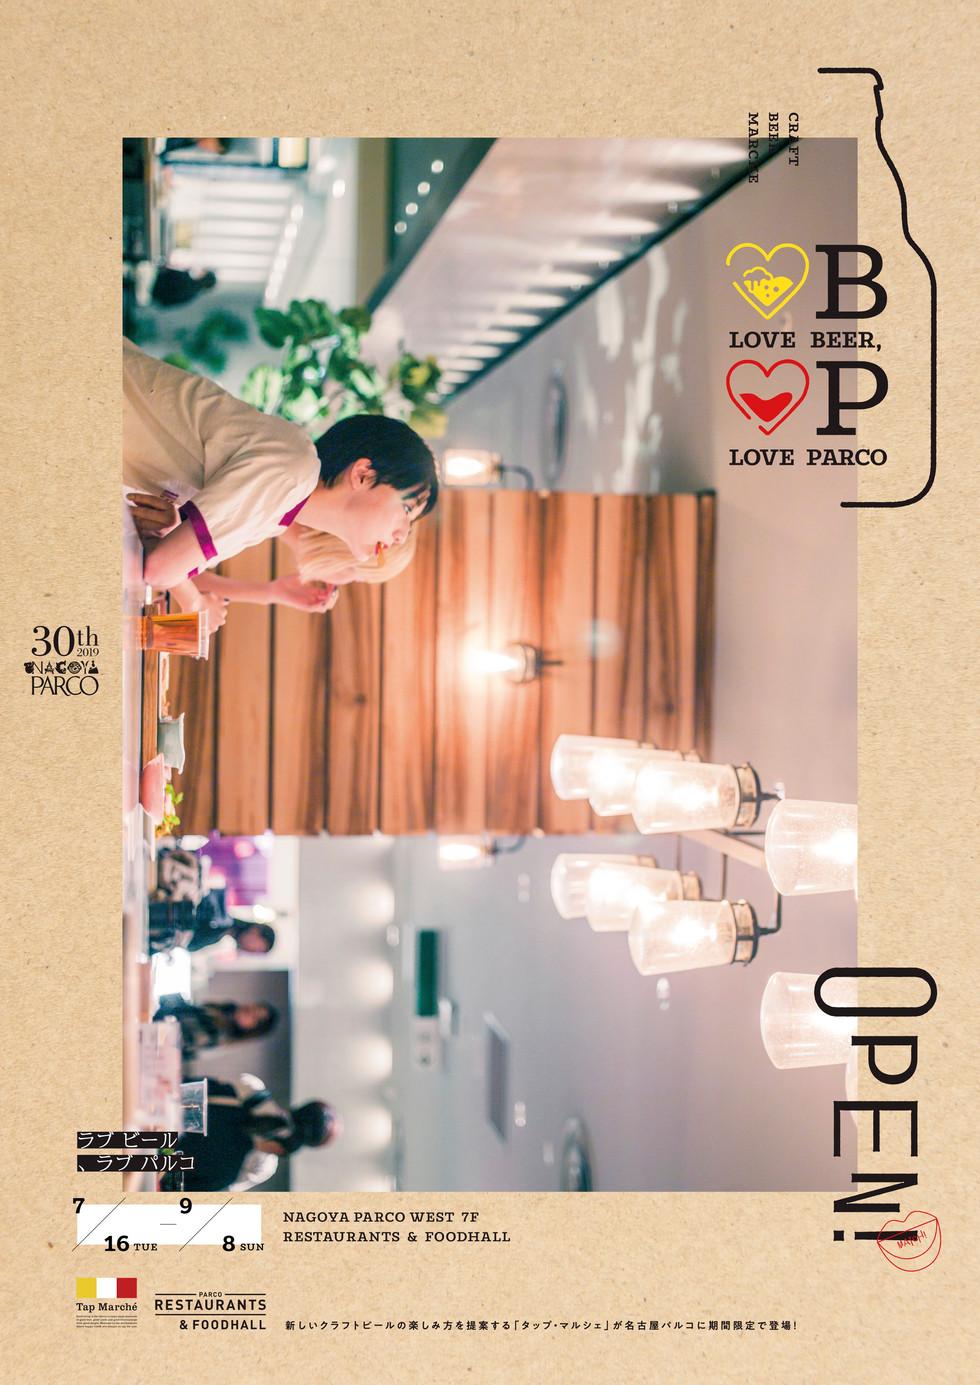 B1B2_POS_0710_3.jpg